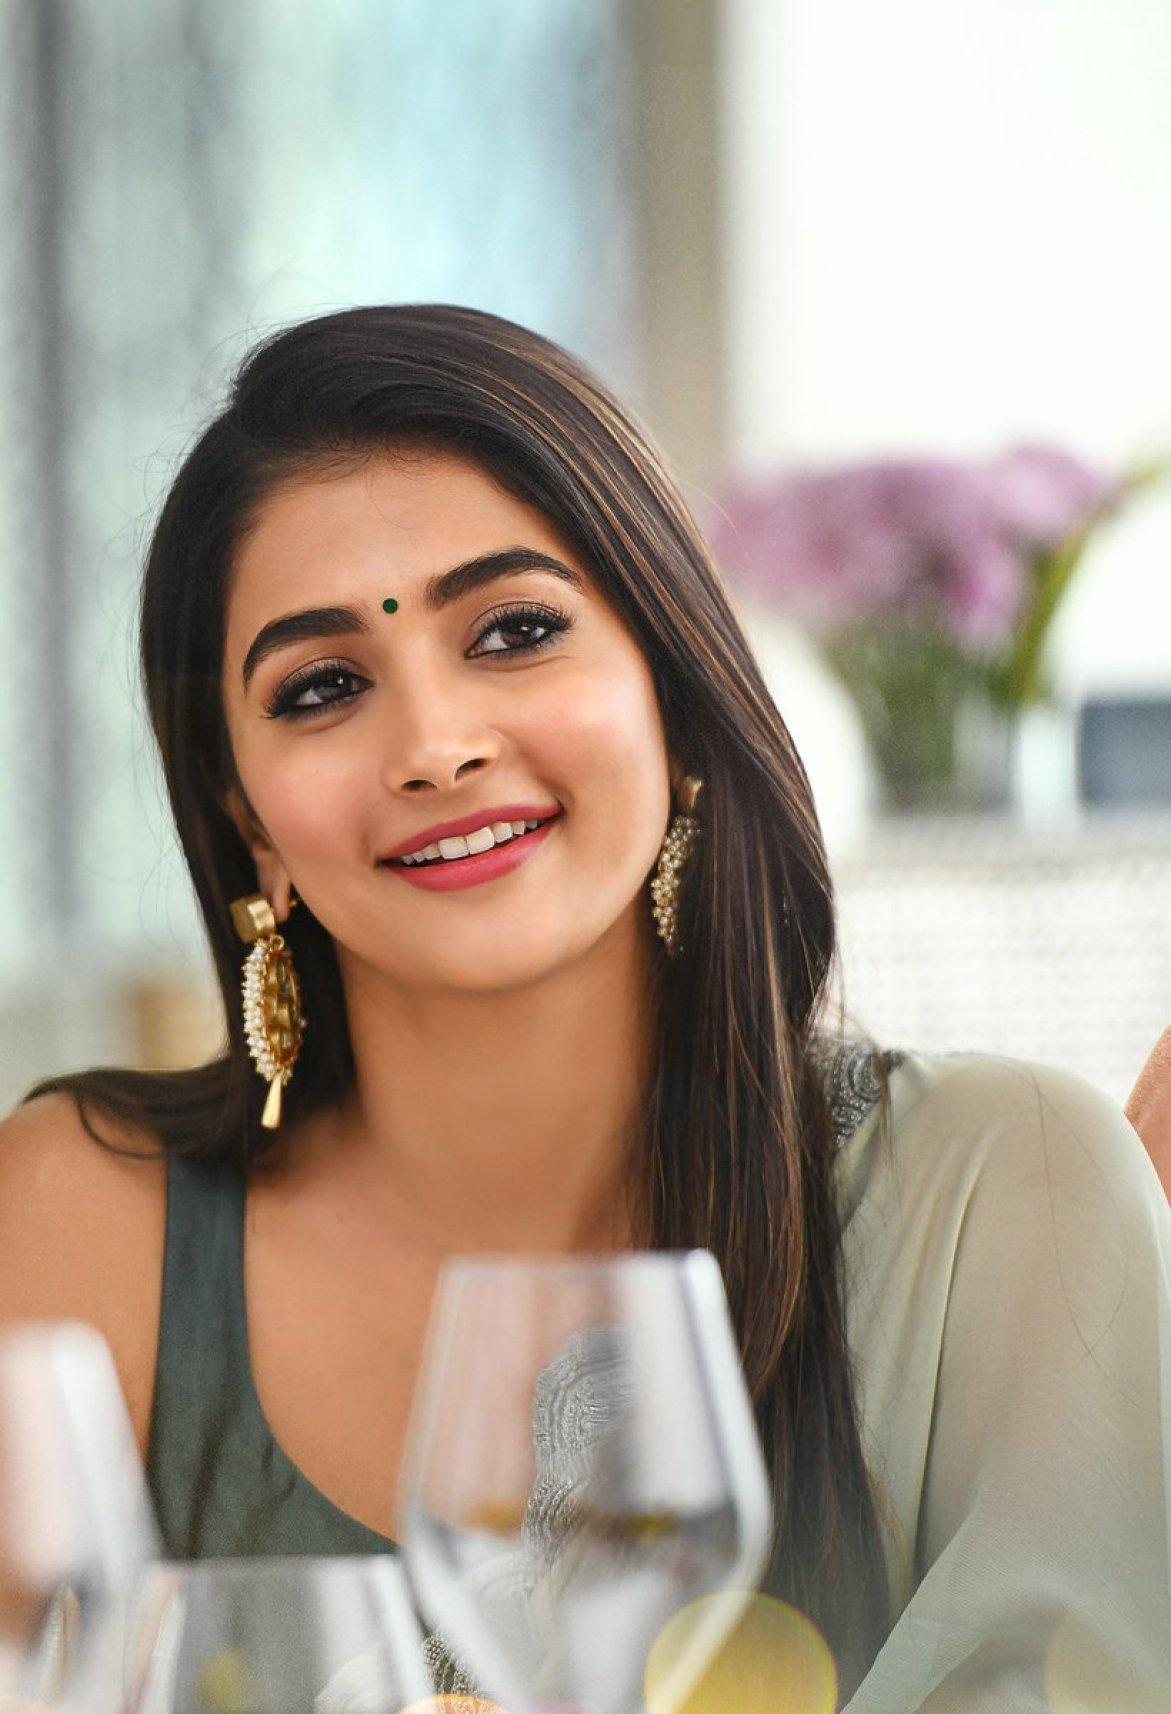 """pooja hegde fc 💗 on Twitter: """"@hegdepooja is stunning in this elegant look  😍😍😍😍 #ButtaBomma #AlaVaikunthapurramuloo #PoojaHegde… """""""